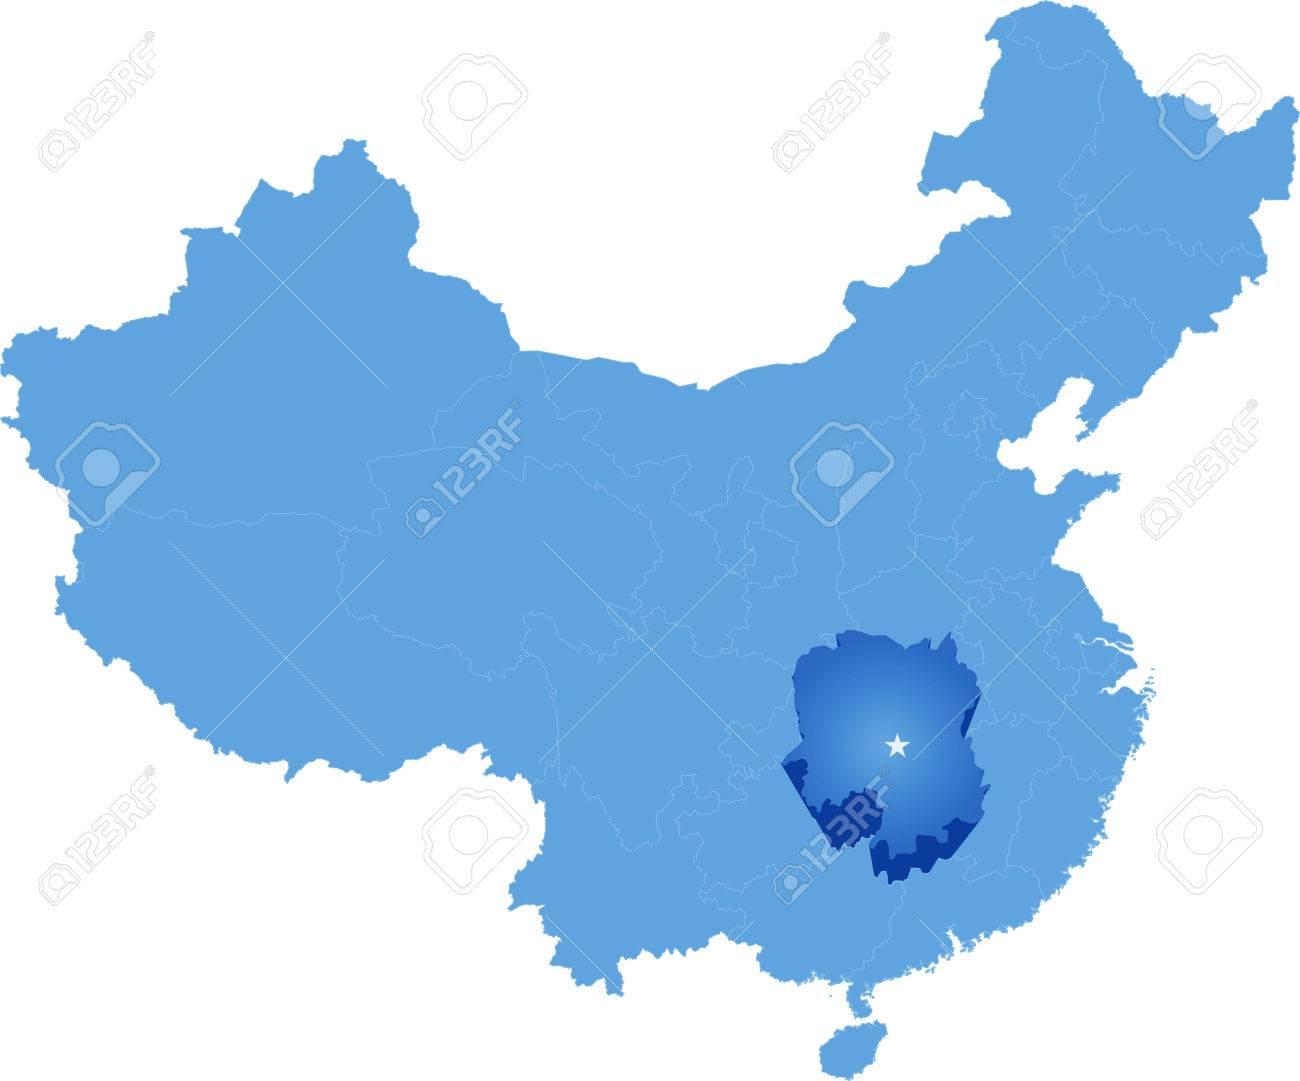 Carte Chine Hunan.Carte De La Republique Populaire De Chine Ou La Province Du Hunan